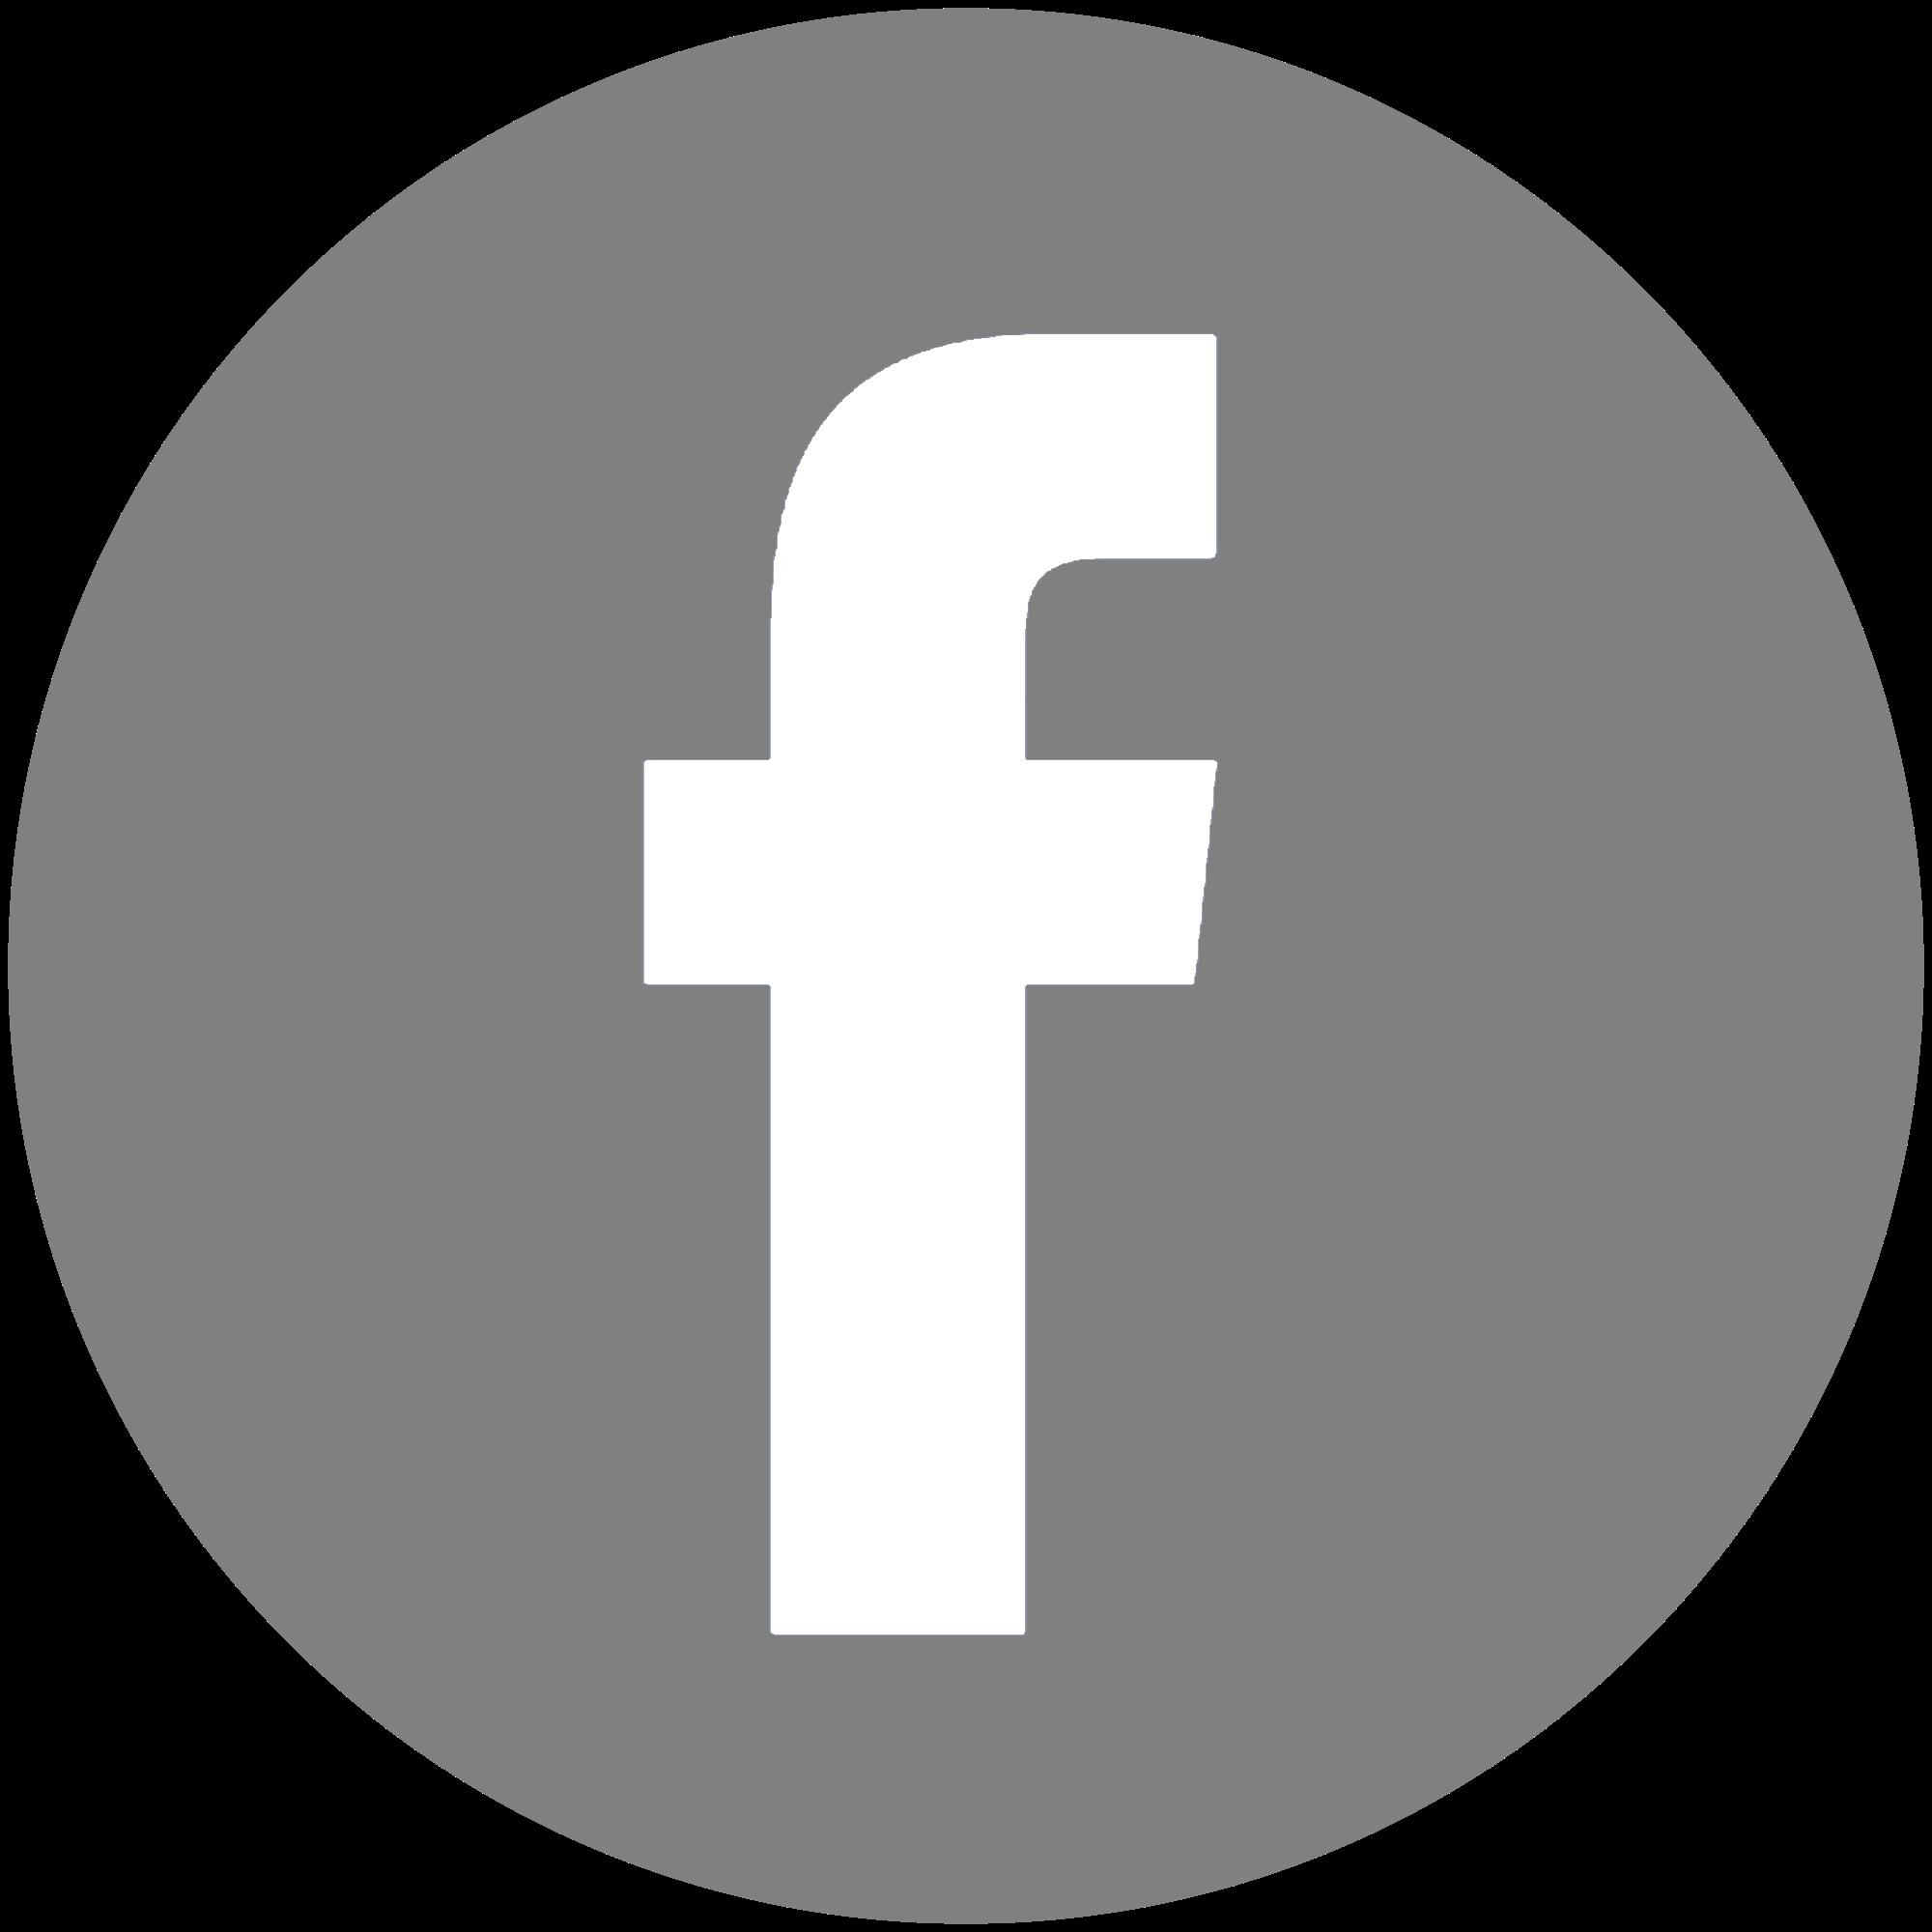 facebook clipart contemporary